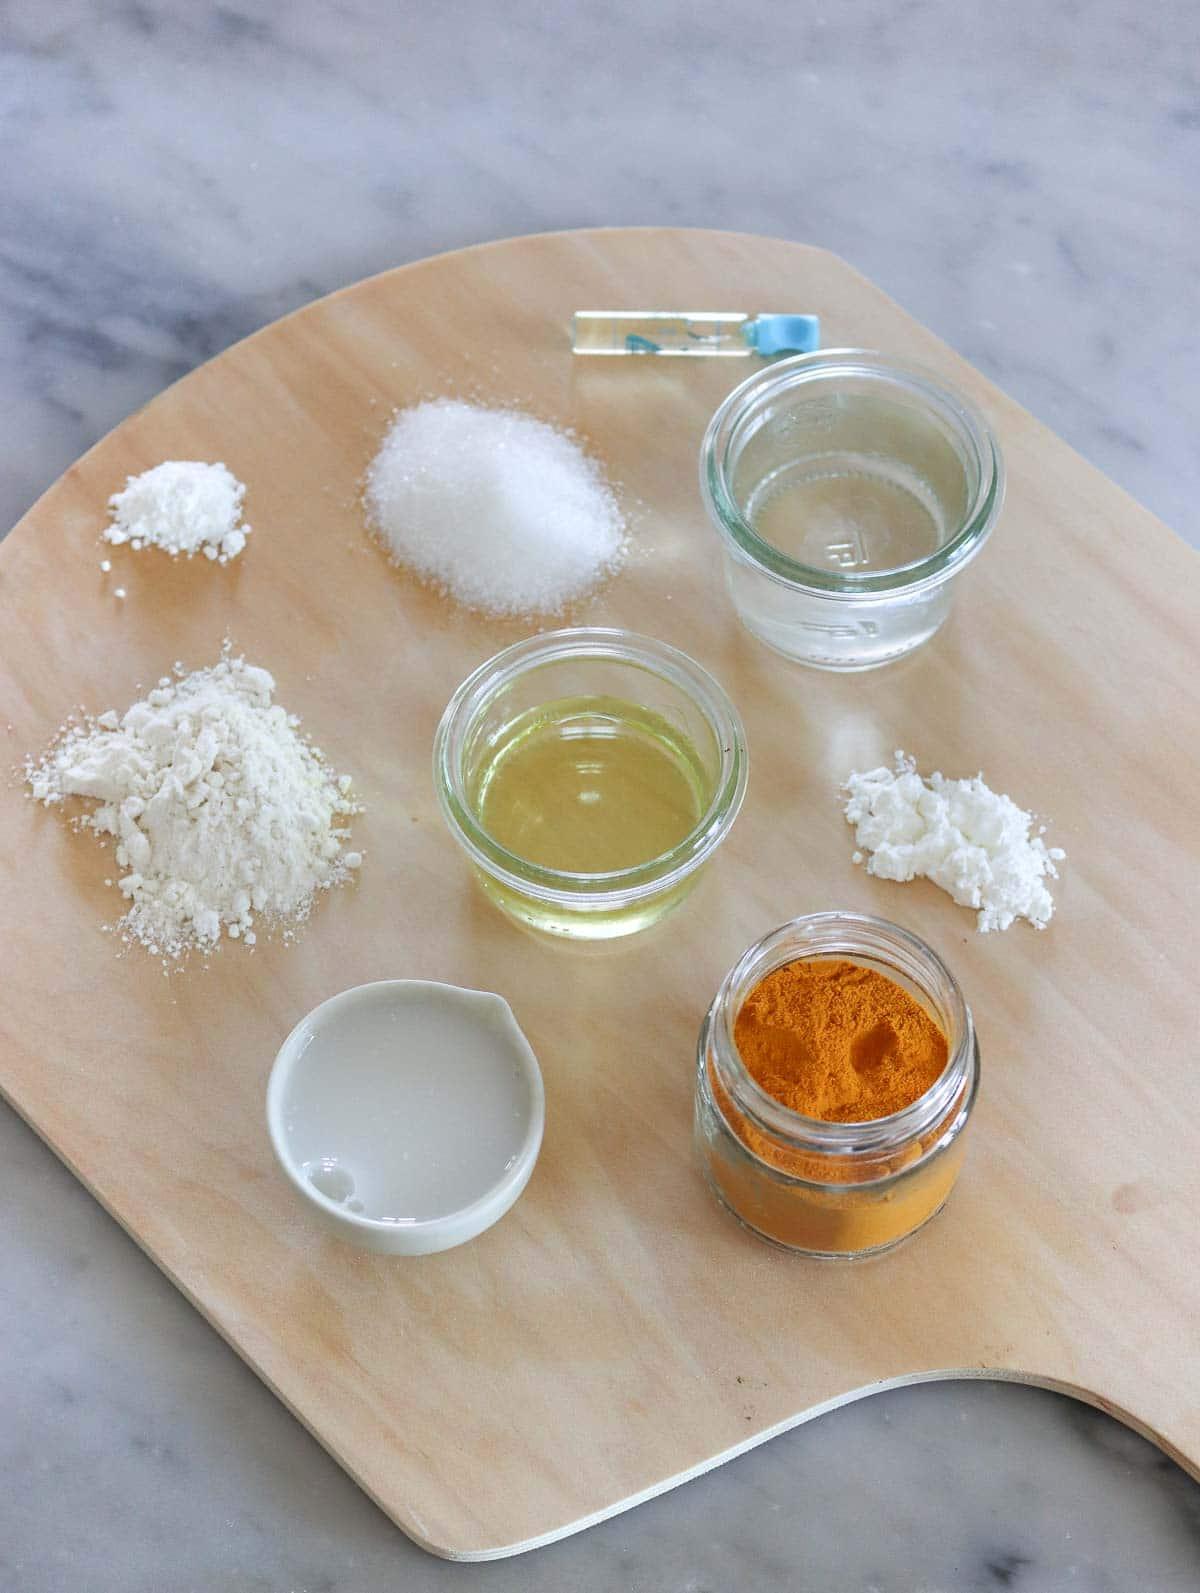 ingredienti per la crostata di frutta